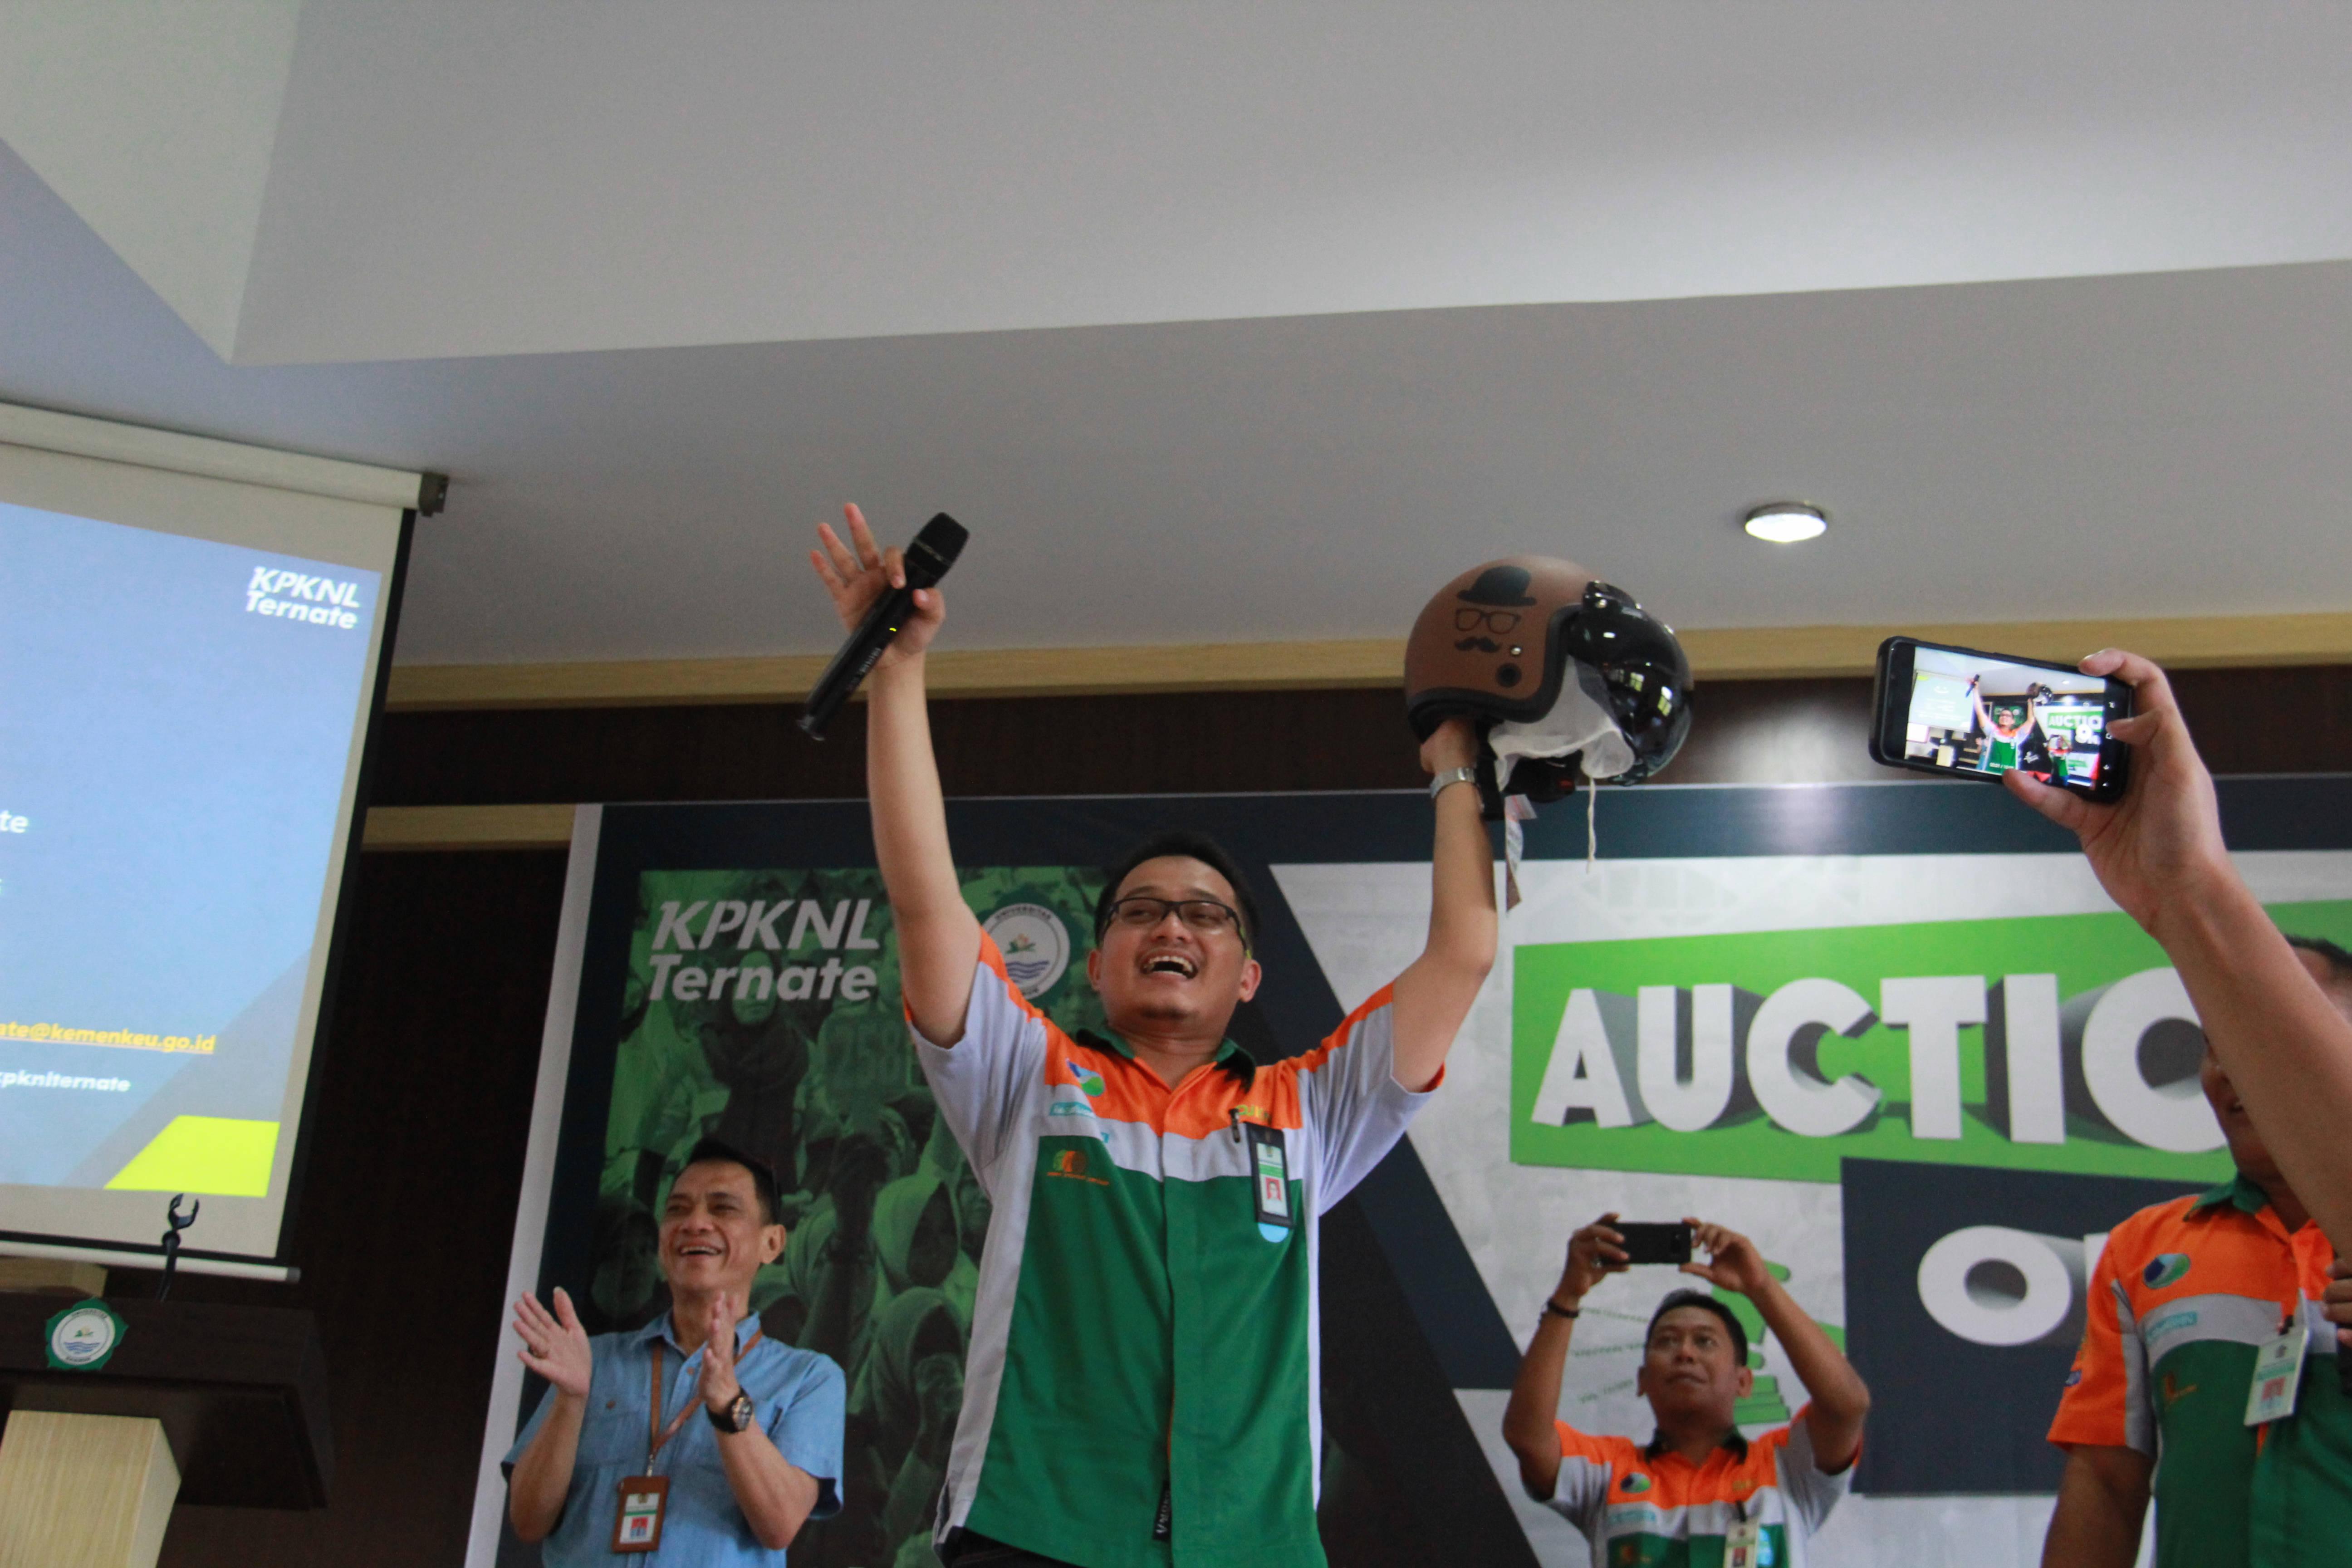 KPKNL Ternate Gelar Auction on Campus di Universitas Khairun Ternate